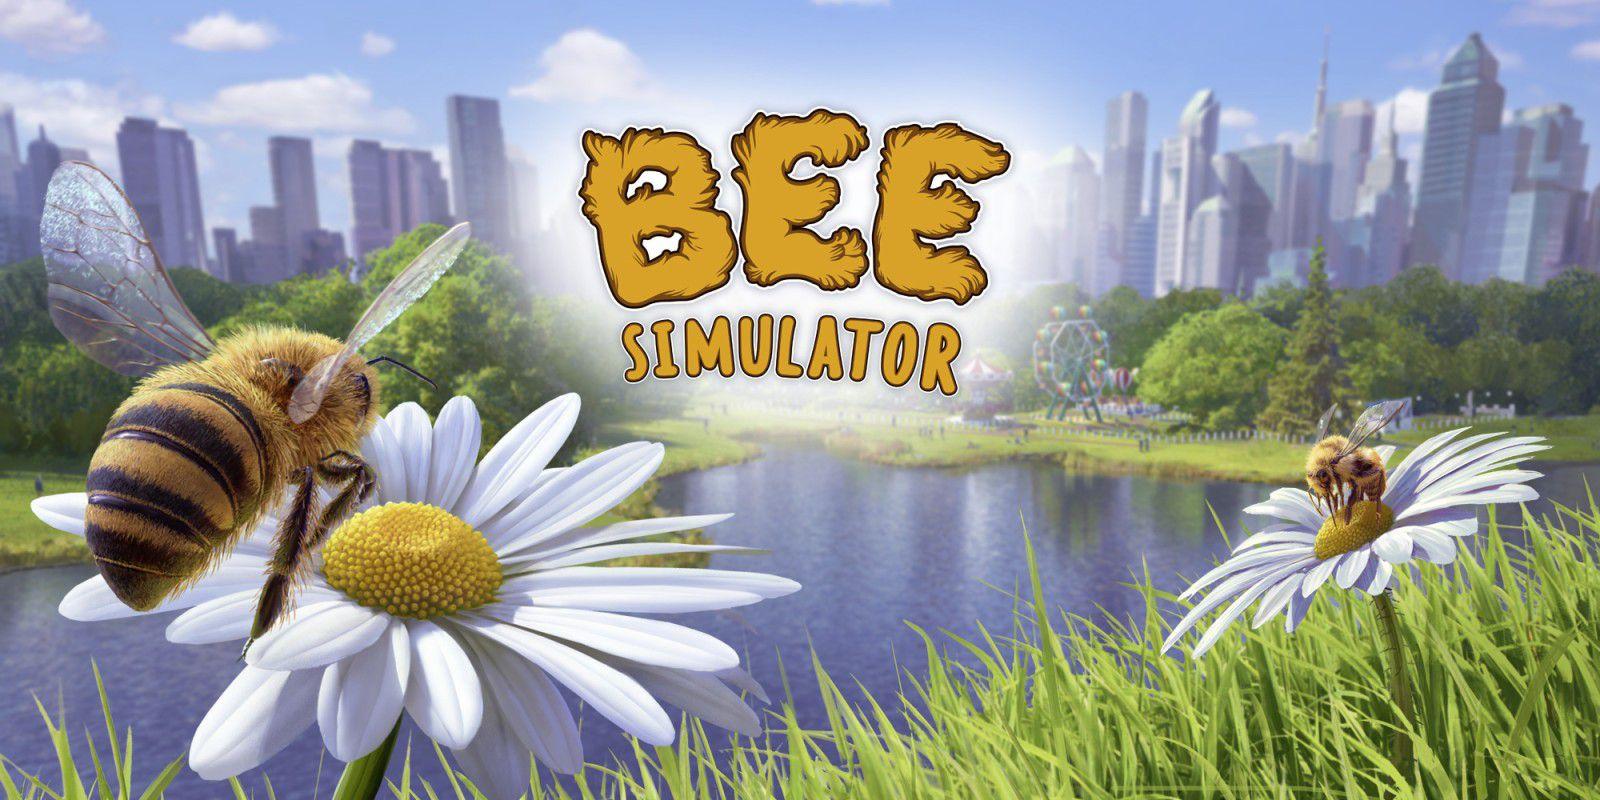 Bee simulator sur Nintendo Switch (Dématérialisé)